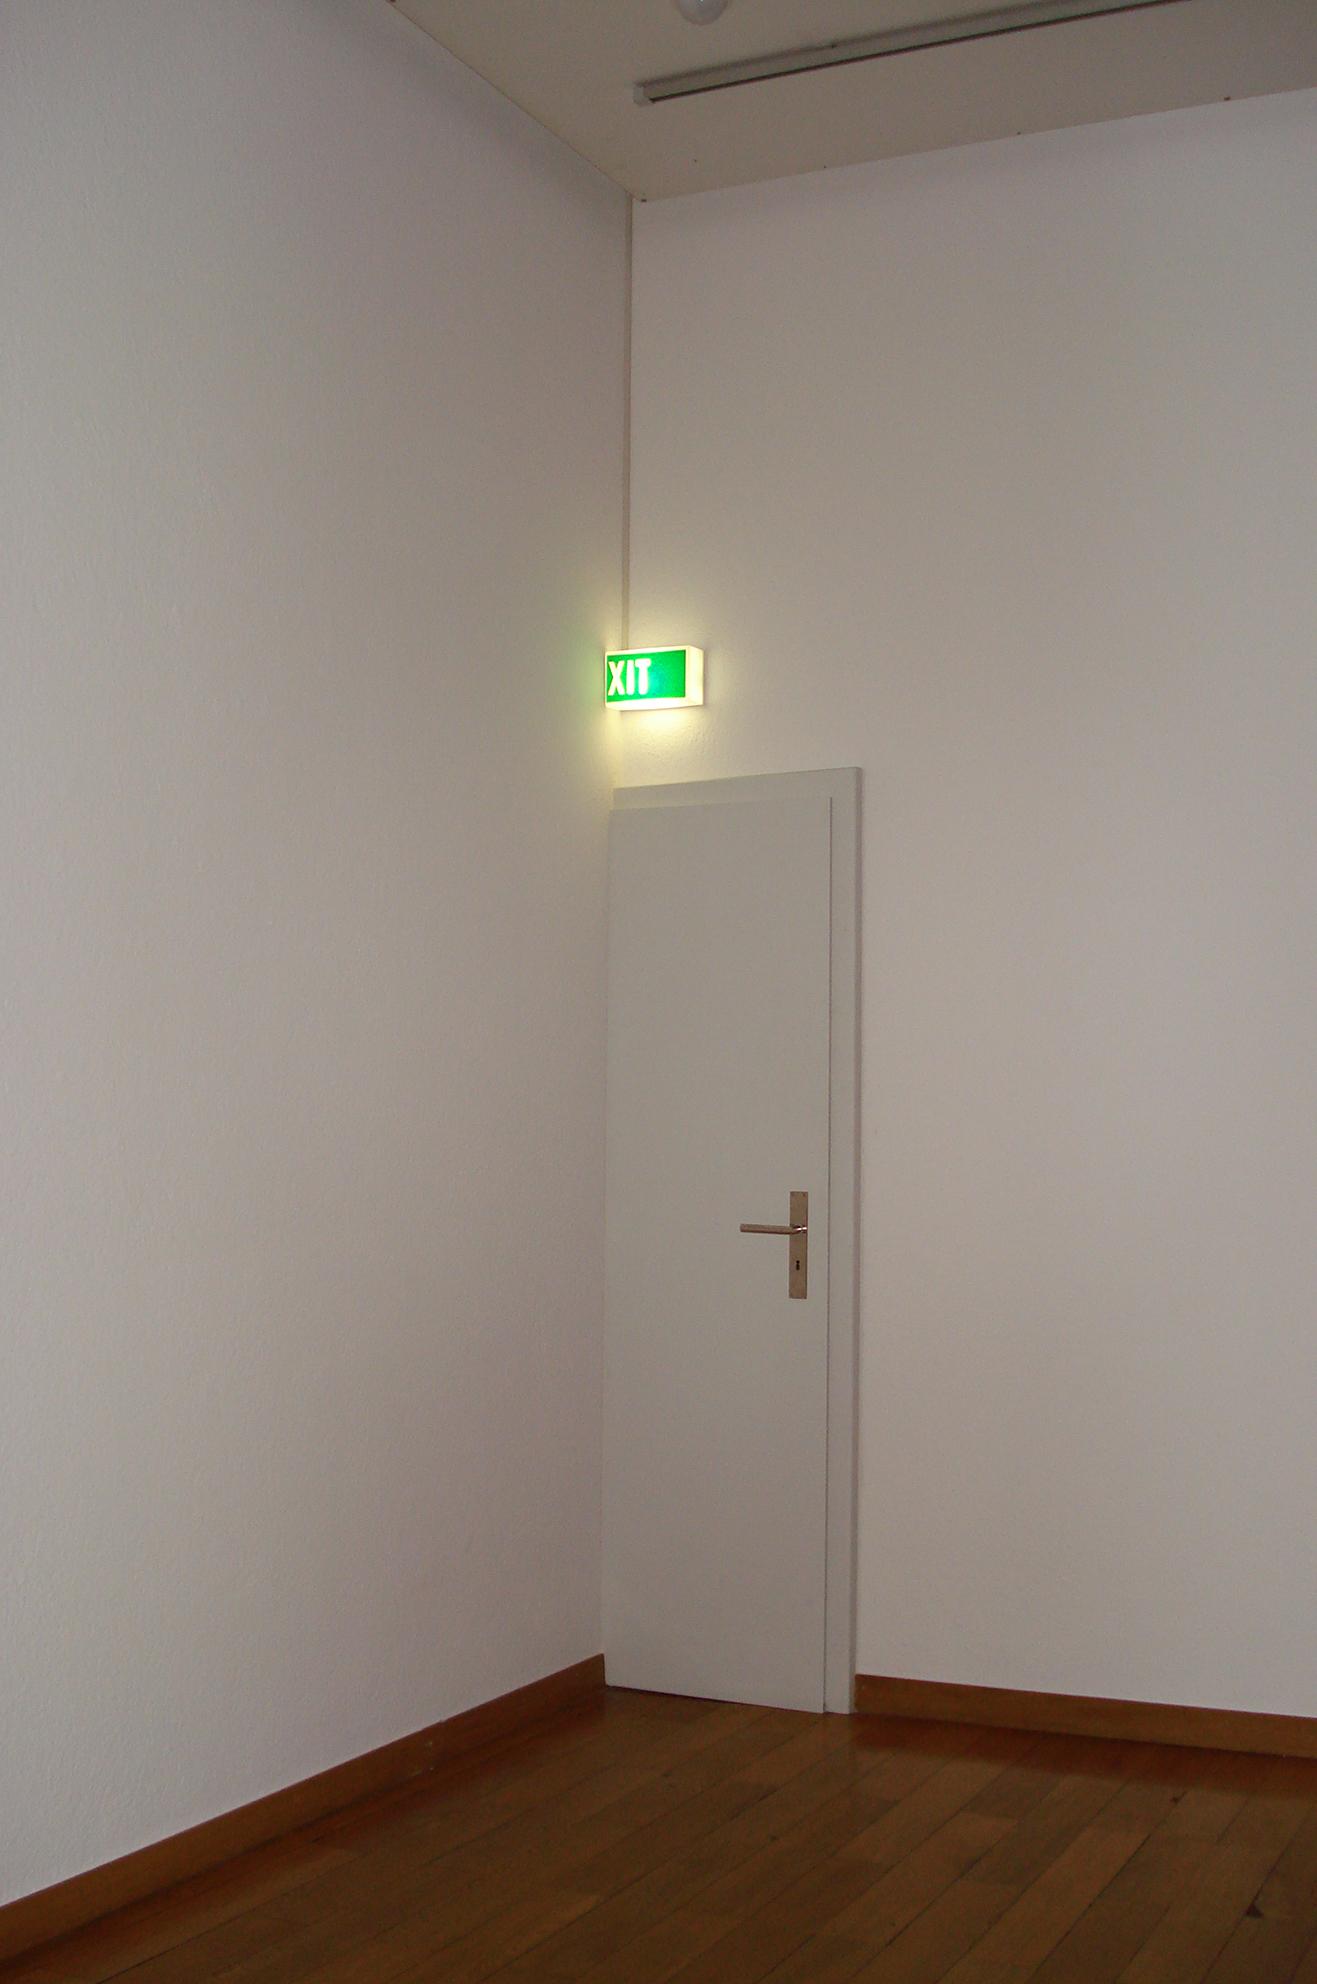 Open House, Musée Rath, Genève, CH, 2006